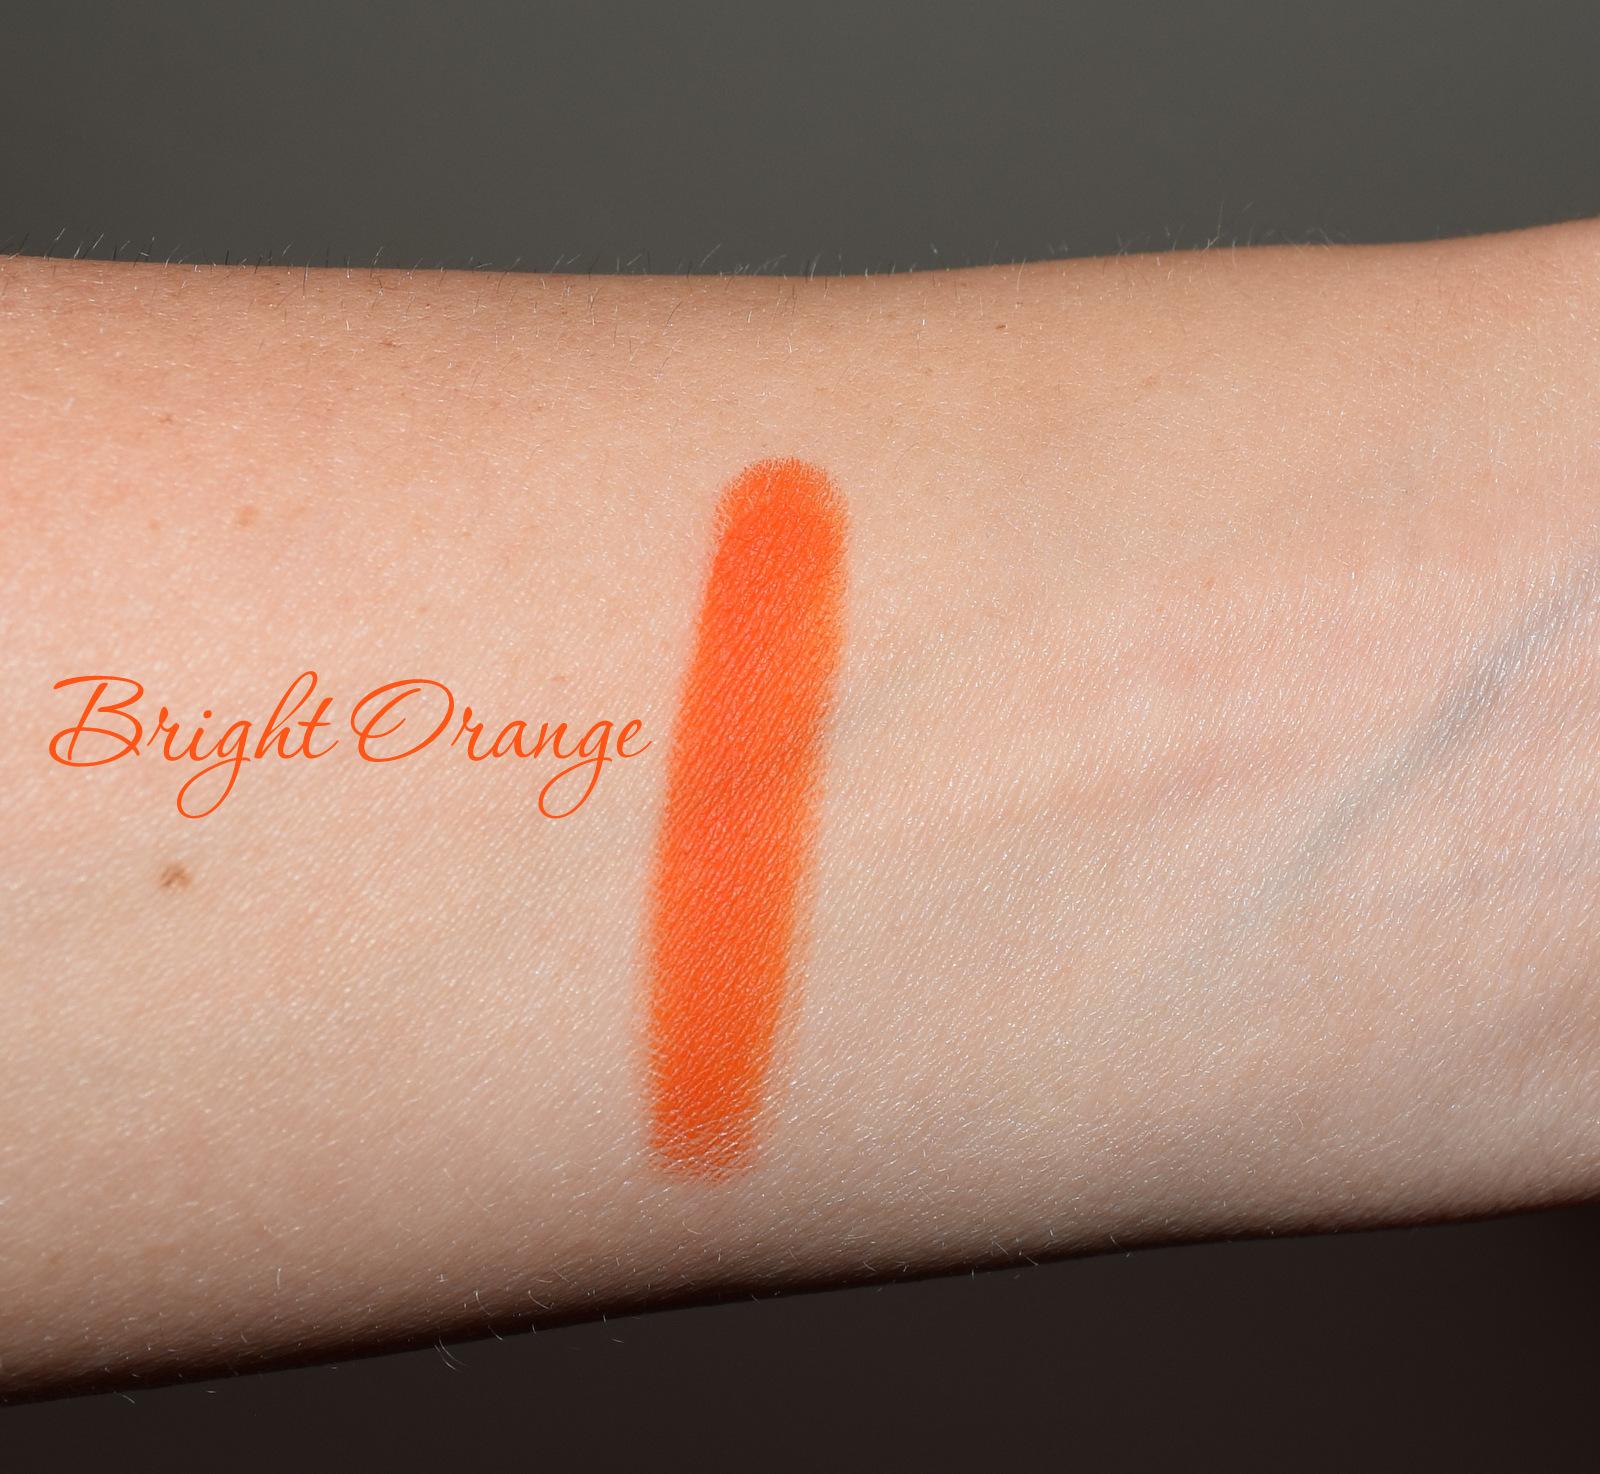 Bright Orange Swatch